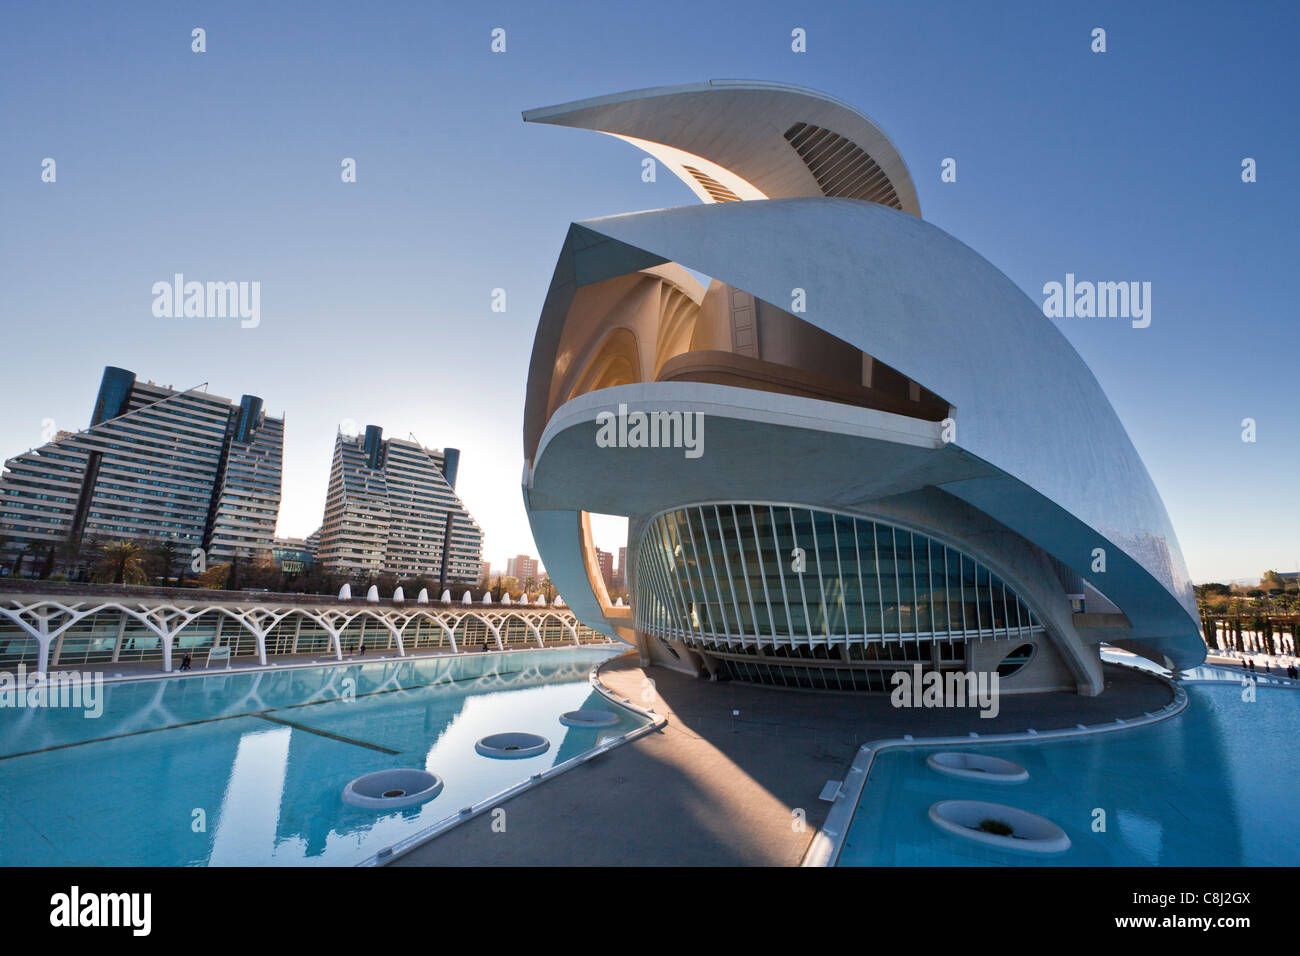 Spagna, Europa, Valencia, Città delle arti e della scienza, Calatrava, architettura moderna, Palazzo delle Immagini Stock